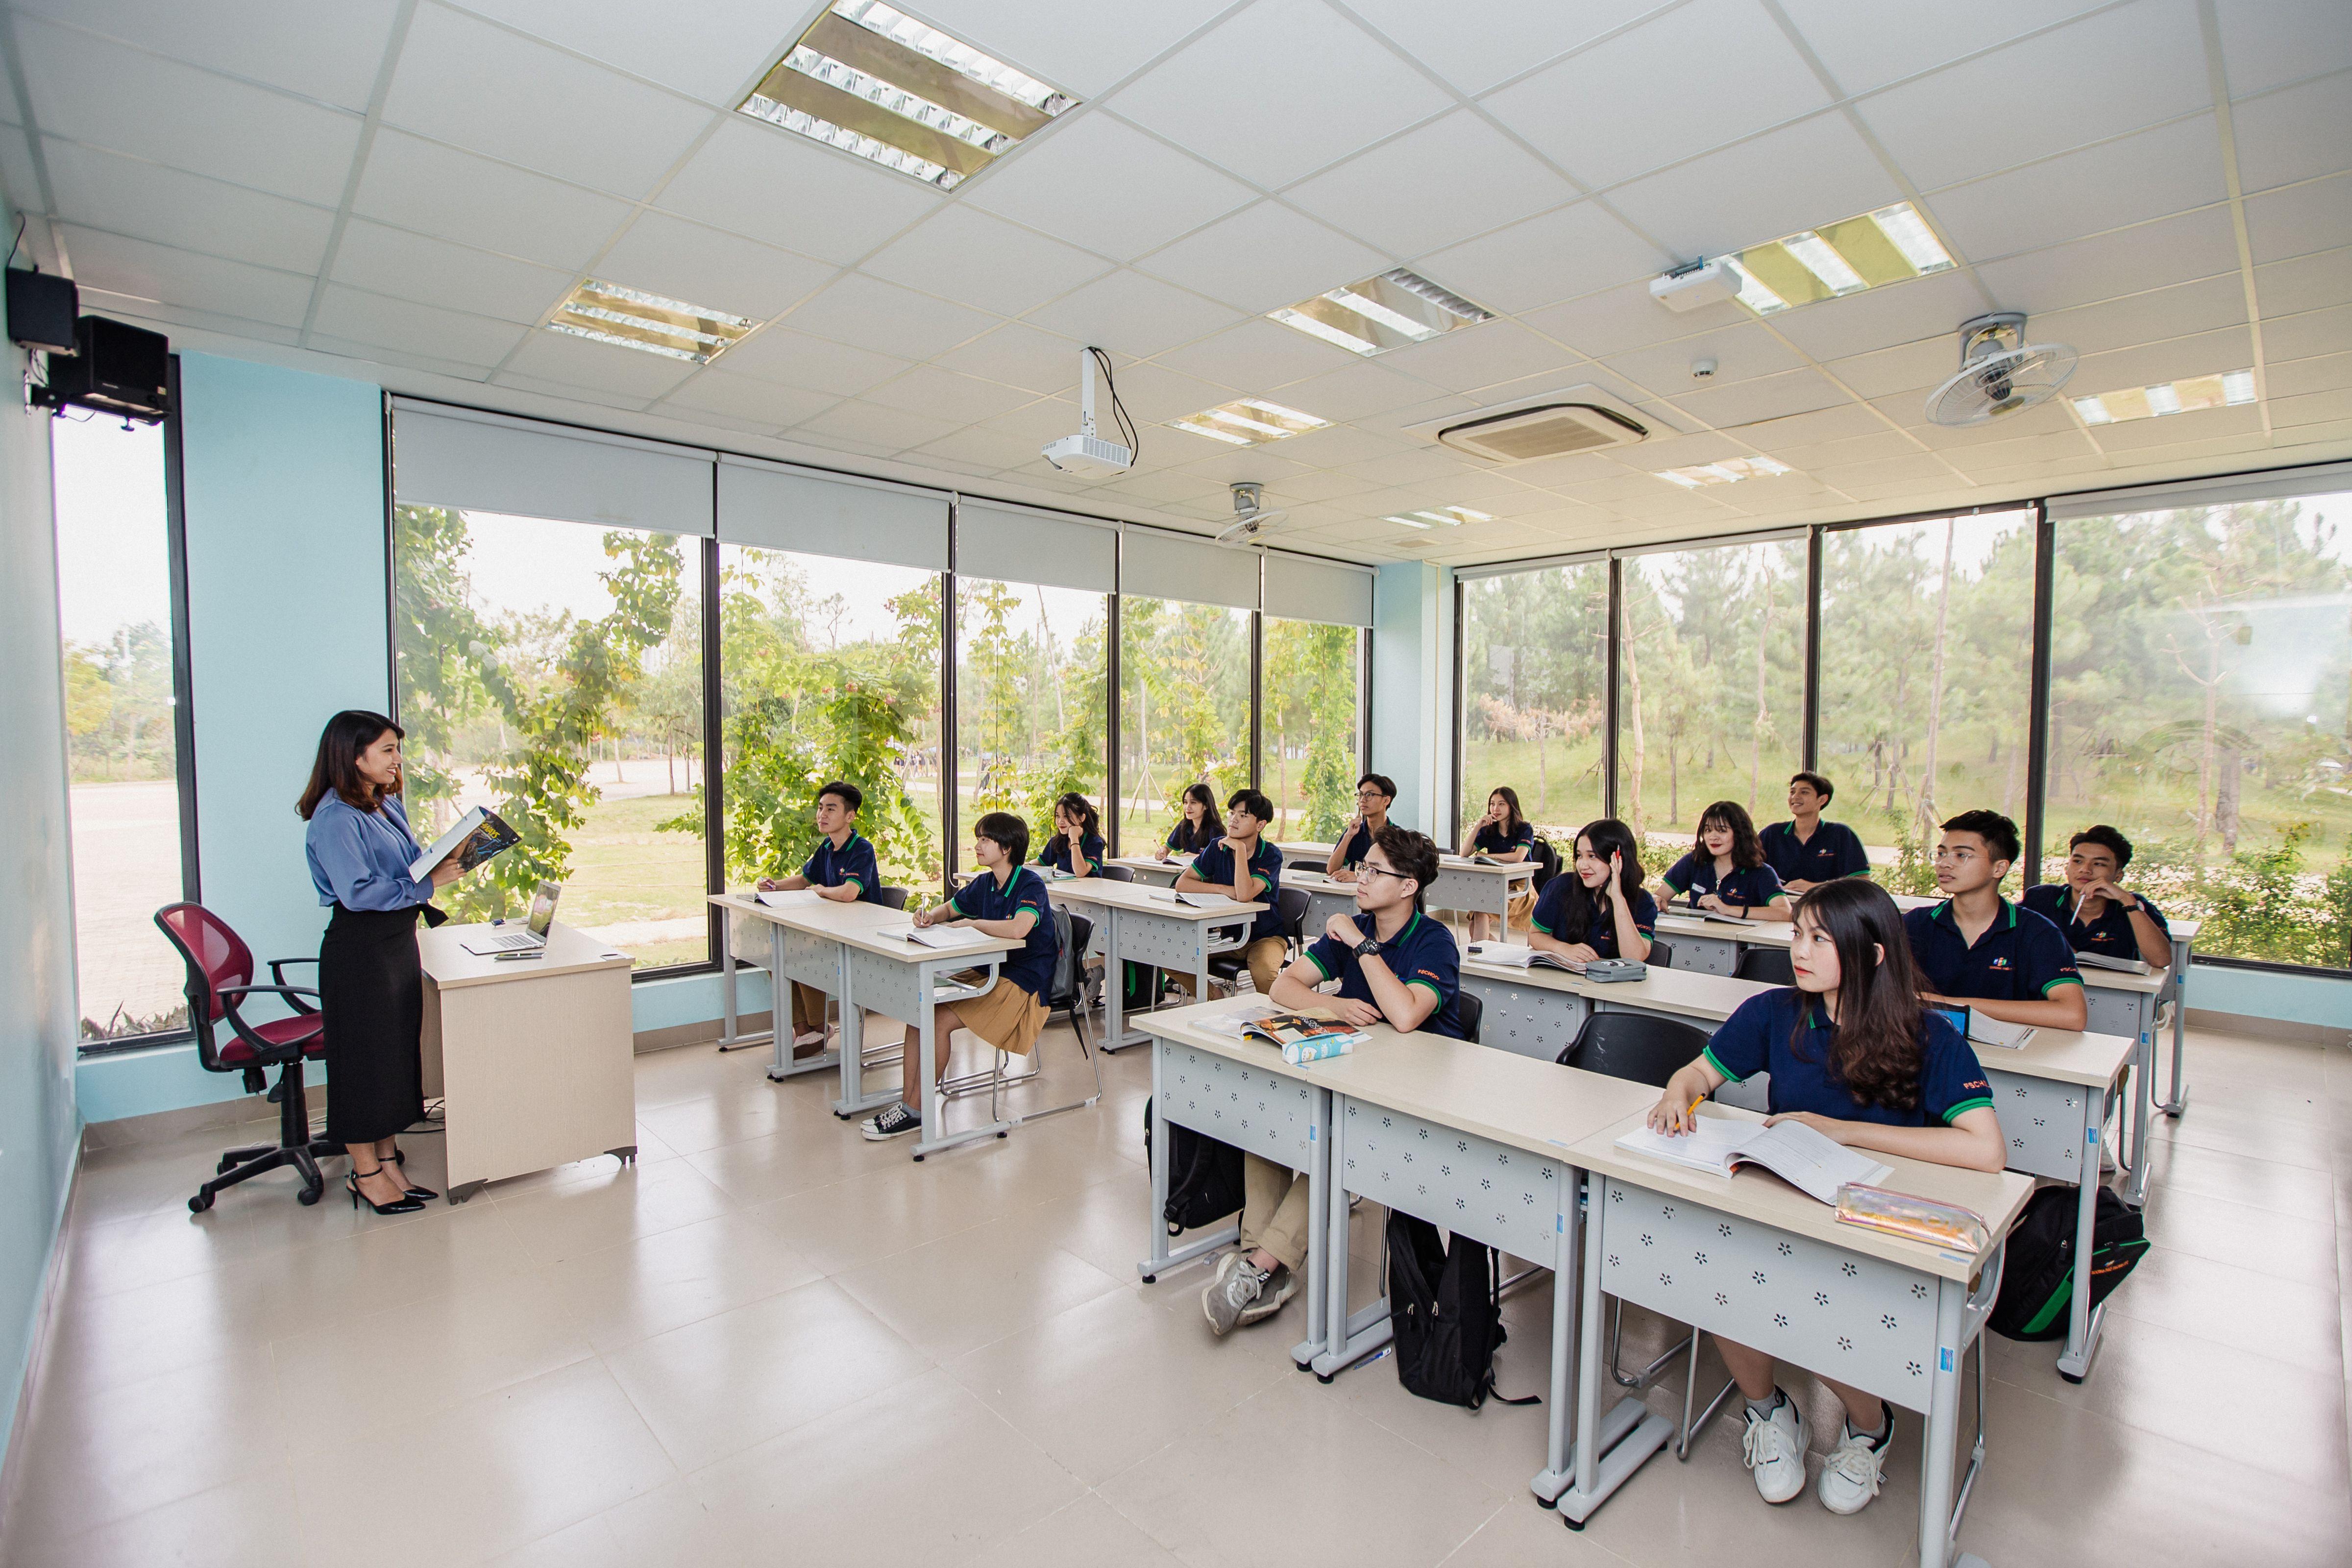 Những ngôi trường nội trú giữa lòng Hà Nội khiến nhiều phụ huynh phấn khích muốn đưa con vào học ngay lập tức - Ảnh 13.